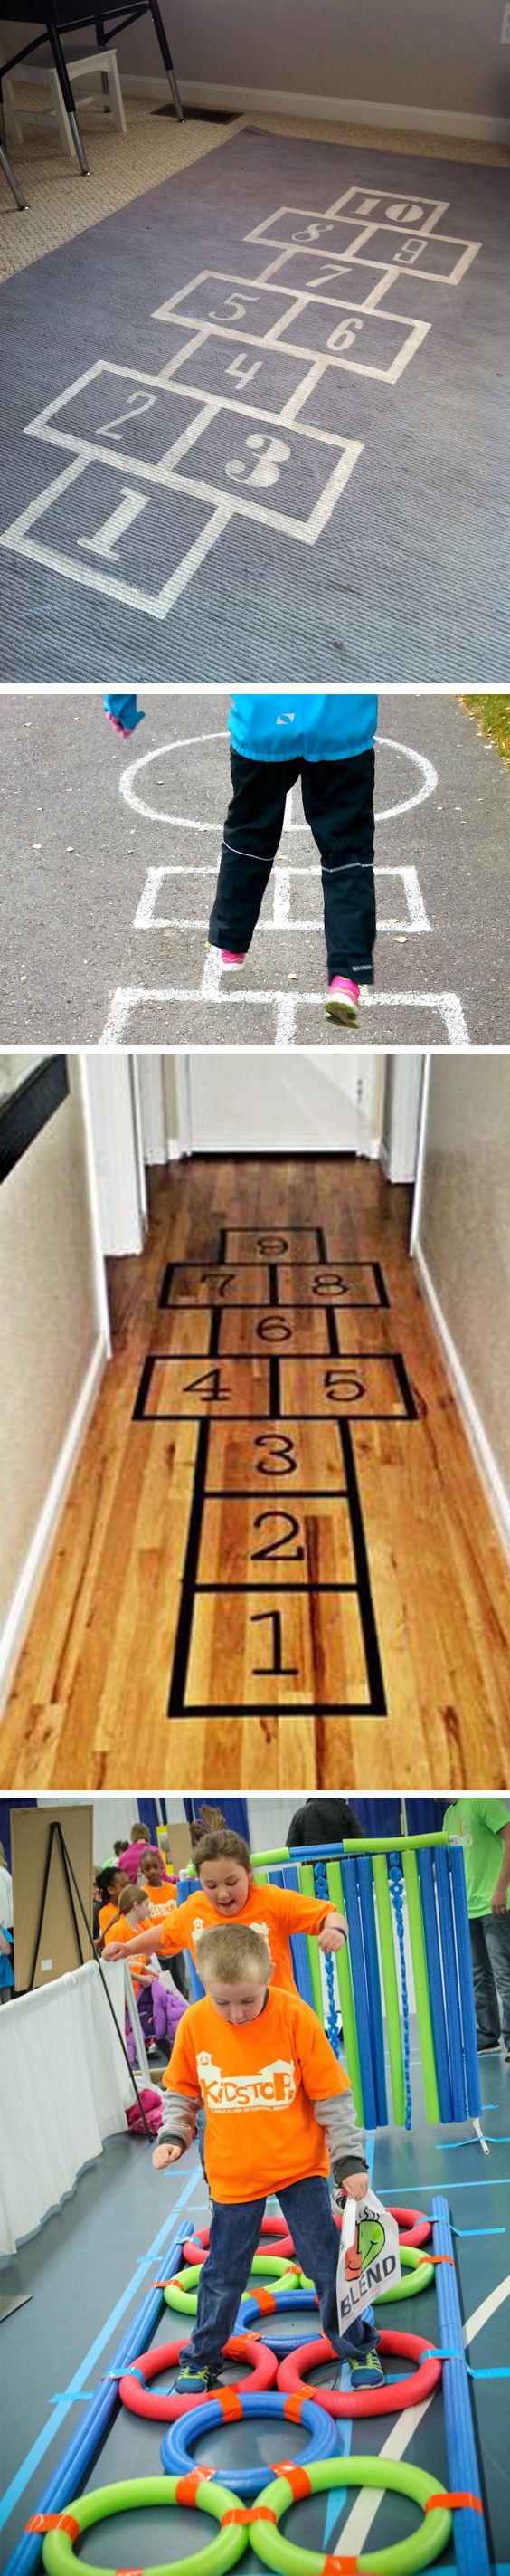 游戏-跳房子 2.jpg